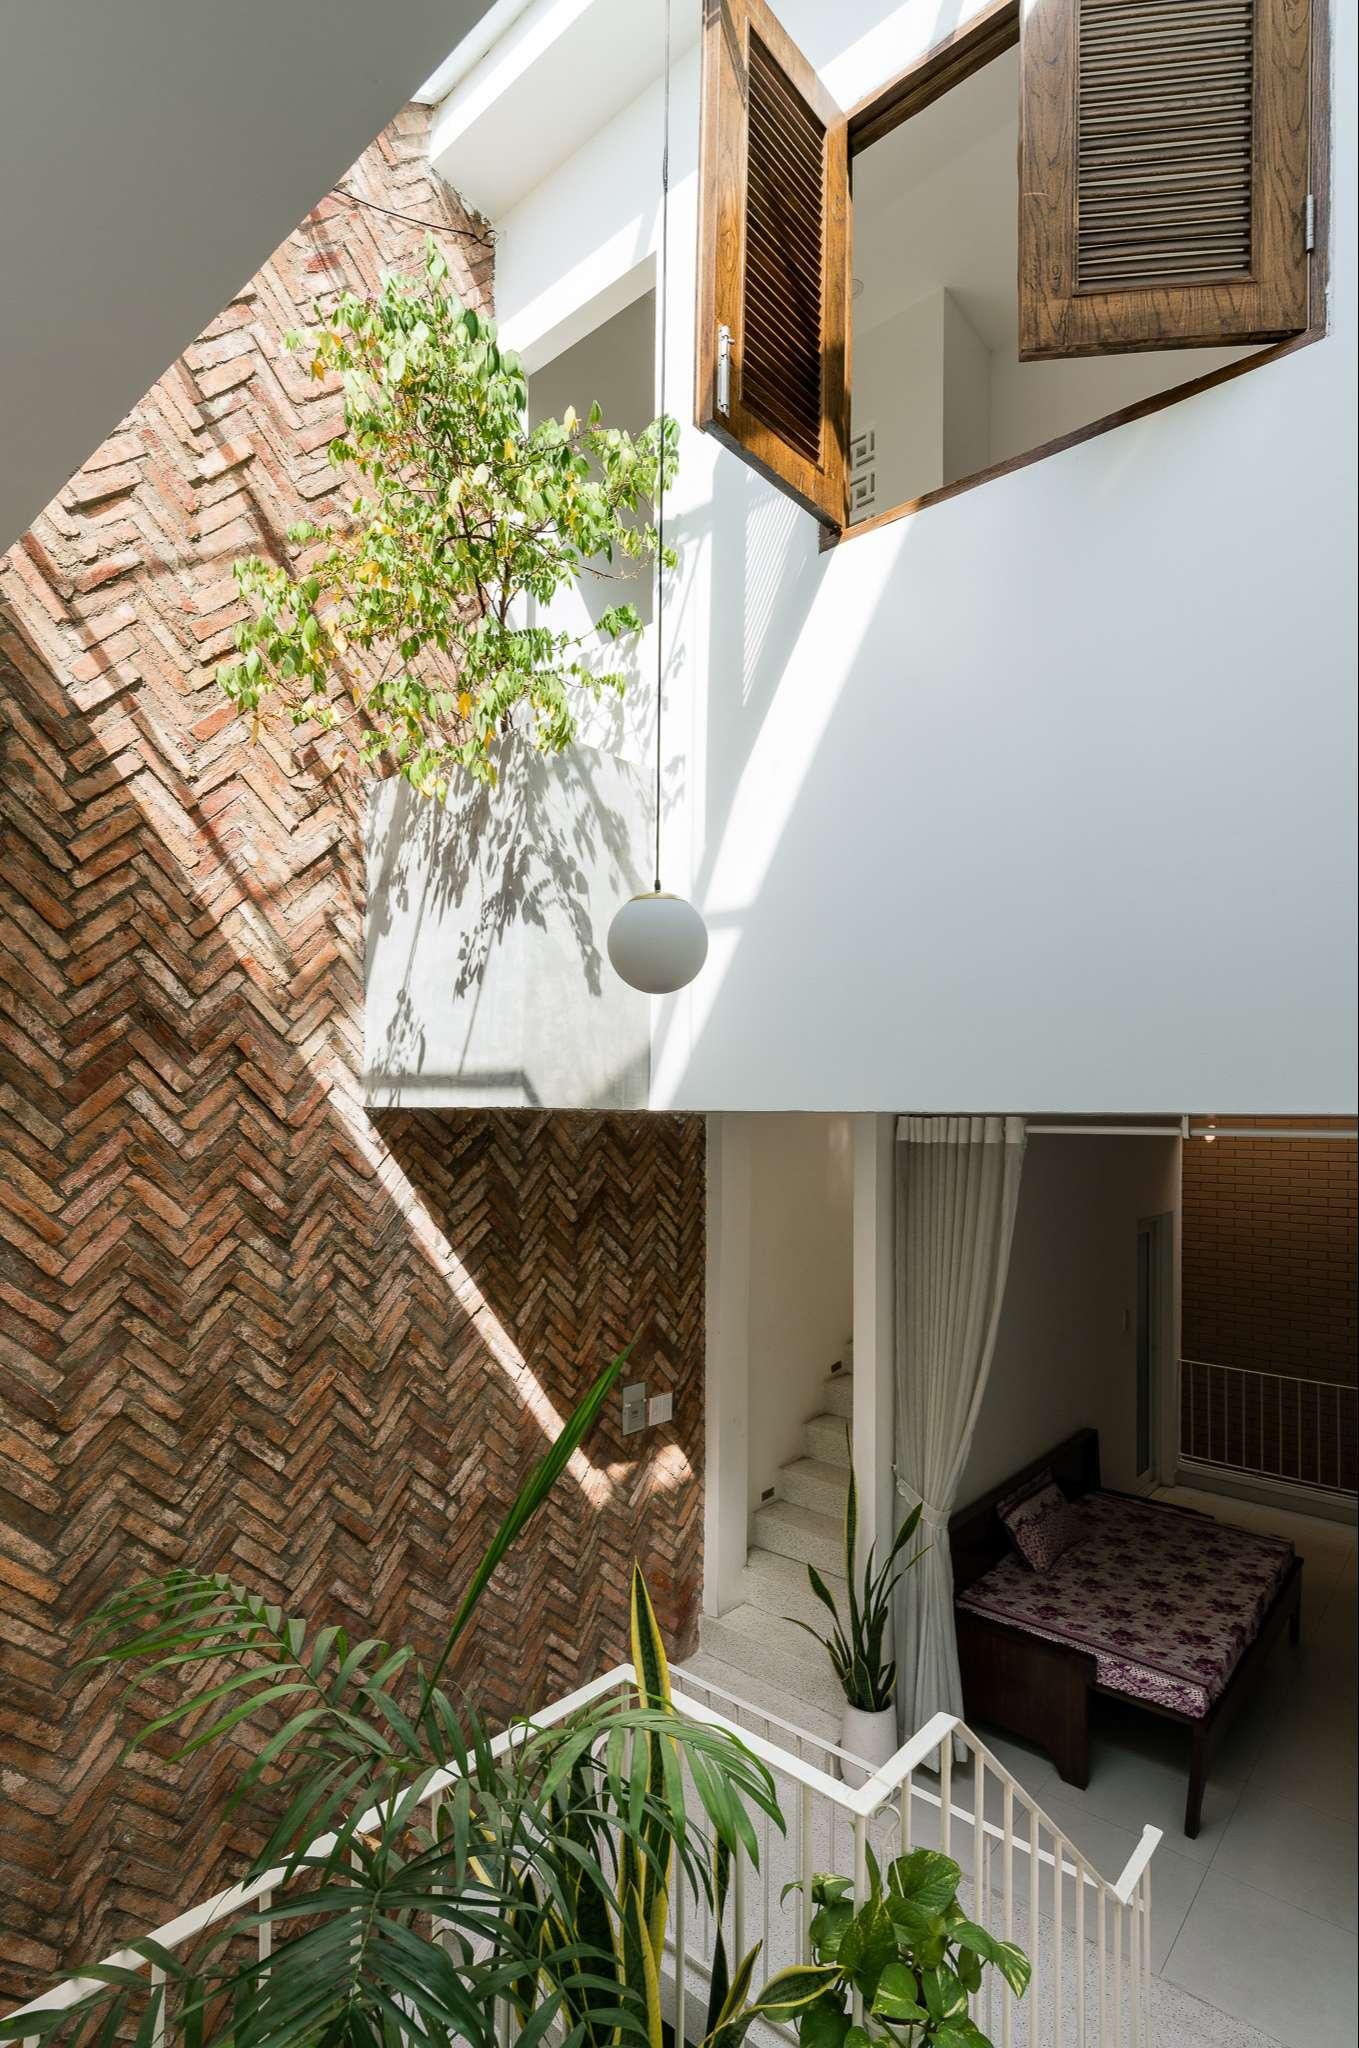 Điểm nhấn chính của không gian là mảng tường thô truyền thống mà tạo cảm giác gần gũi.